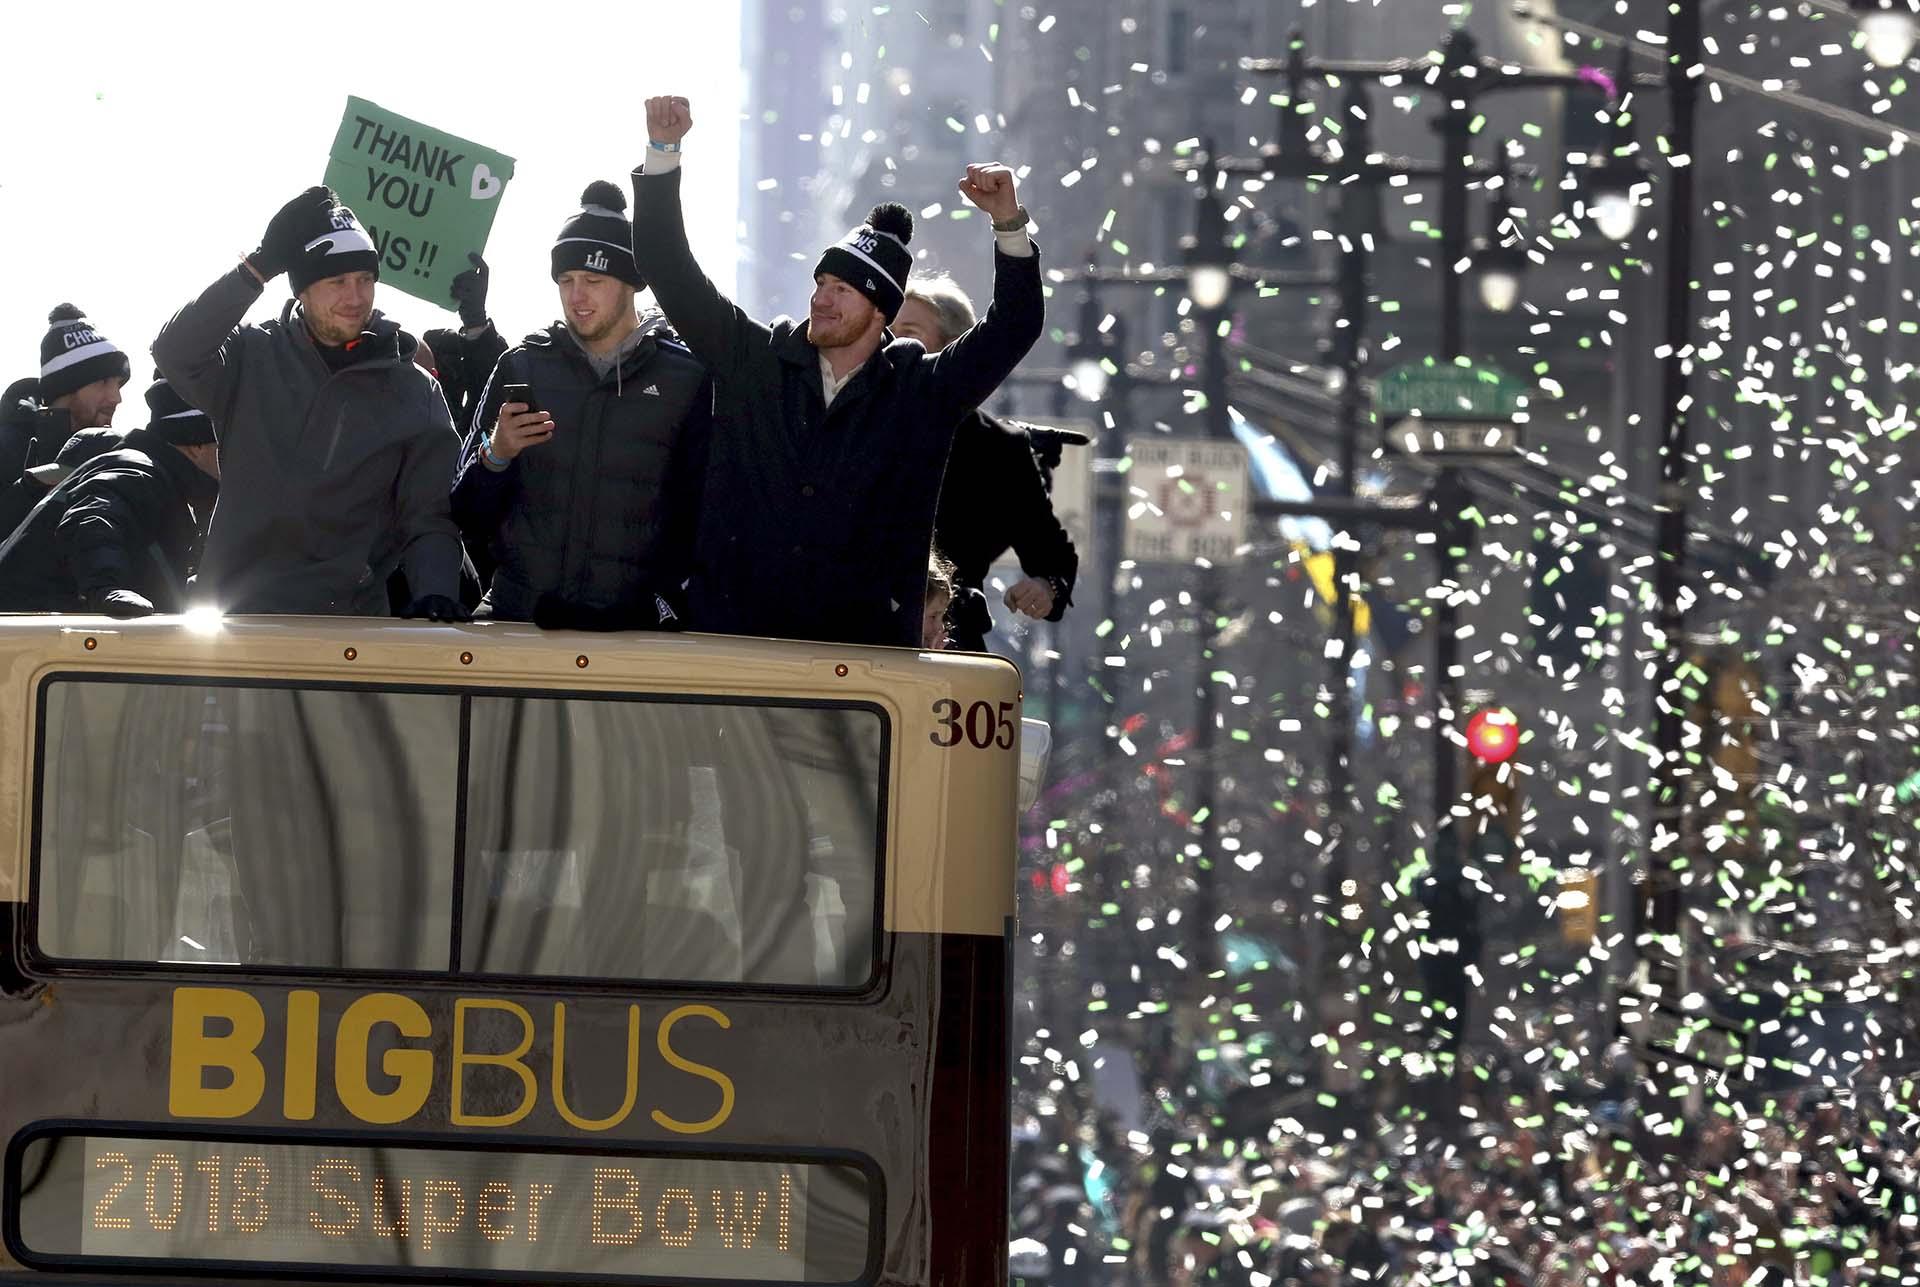 El gran sueño de los aficionados se vio cumplido cuando el domingo los Eagles derrotaron de manera sorpresiva por 41-33 a los Patriots de Nueva Inglaterra en el partido del Super Bowl que se disputó en el U.S. Bank Stadium de Minneapolis y pusieron fin a una espera de 58 años